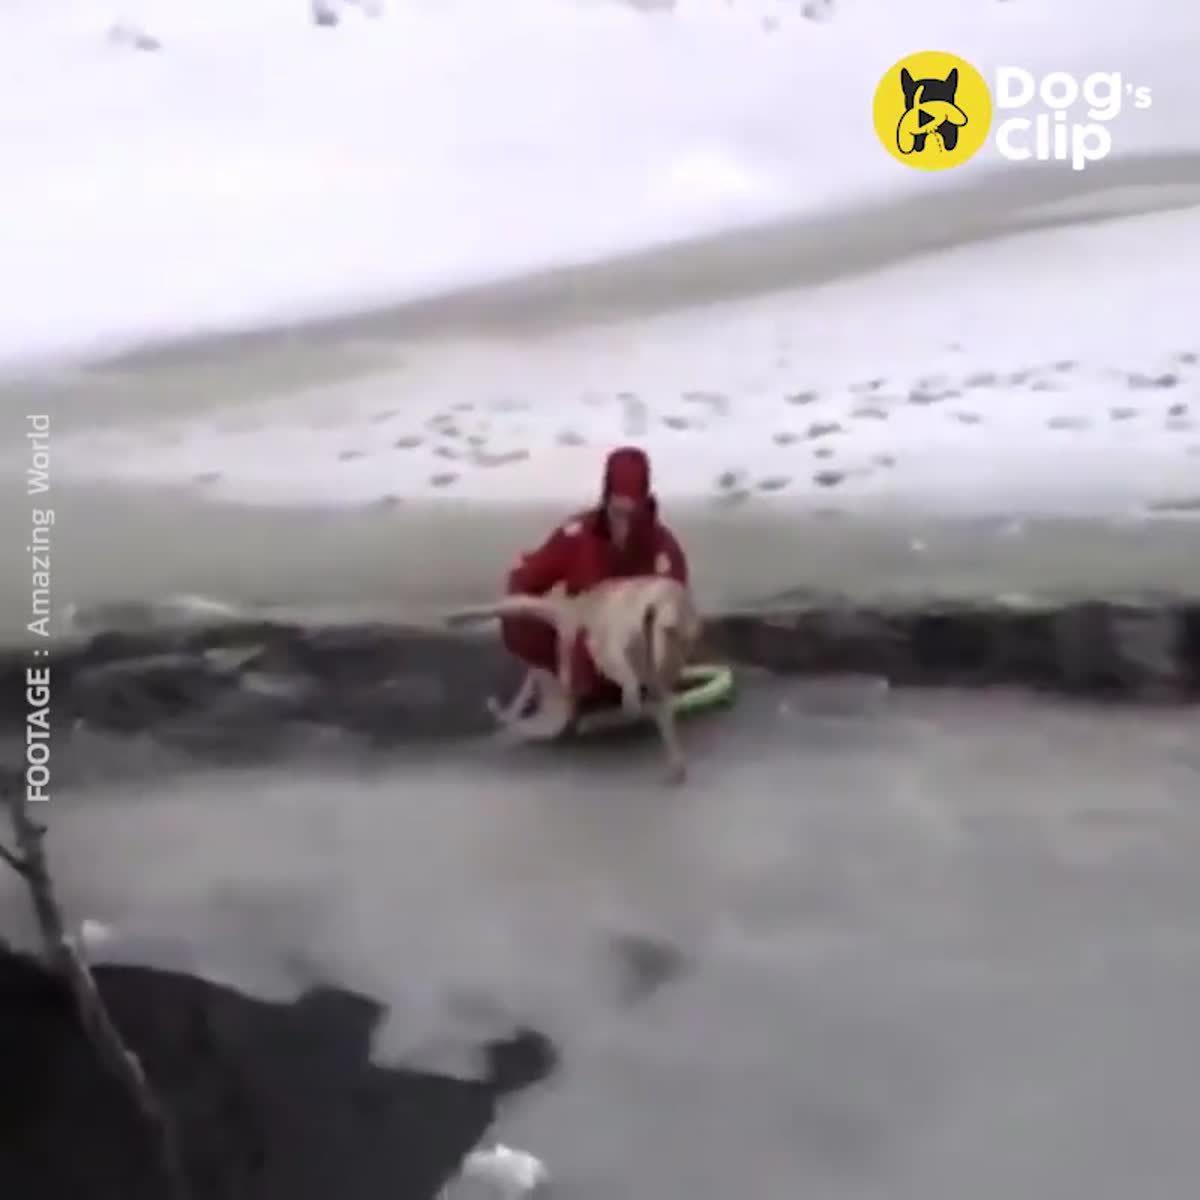 แรงเฮือกสุดท้าย ลาบราดอร์ ร้องขอความช่วยเหลือ รอดชีวิตจากธารน้ำแข็ง